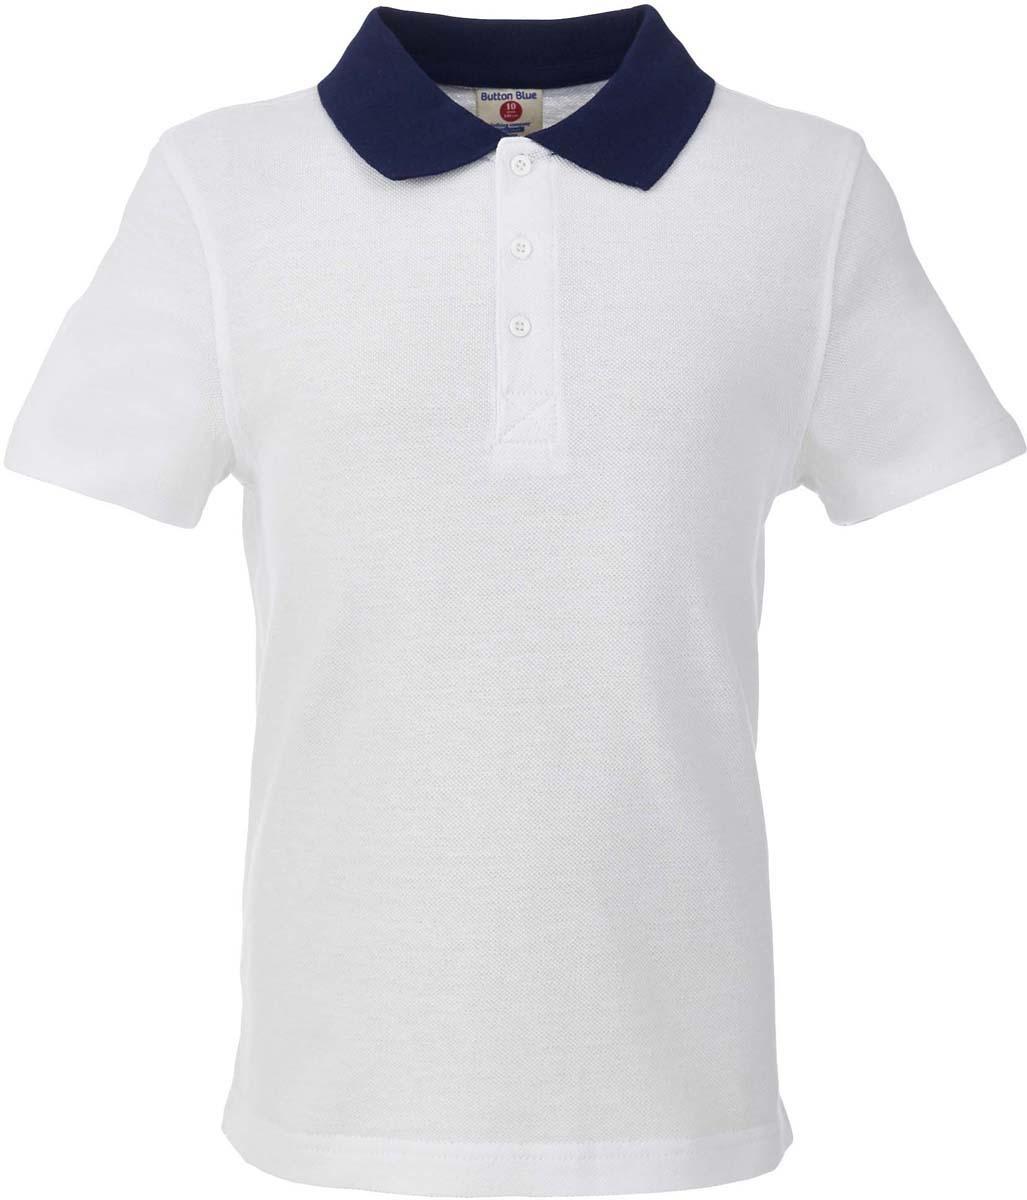 Поло для мальчика Button Blue, цвет: белый. 217BBBS14020200. Размер 122, 7 лет217BBBS14020200Прекрасная альтернатива сорочке - белое поло! По удобству и комфорту, поло для мальчика в школу не менее удобно, чем футболка с коротким рукавом, но поло выглядит строже и наряднее. Небольшой цветовой акцент (воротник и внутренняя планка) придает модели изюминку.